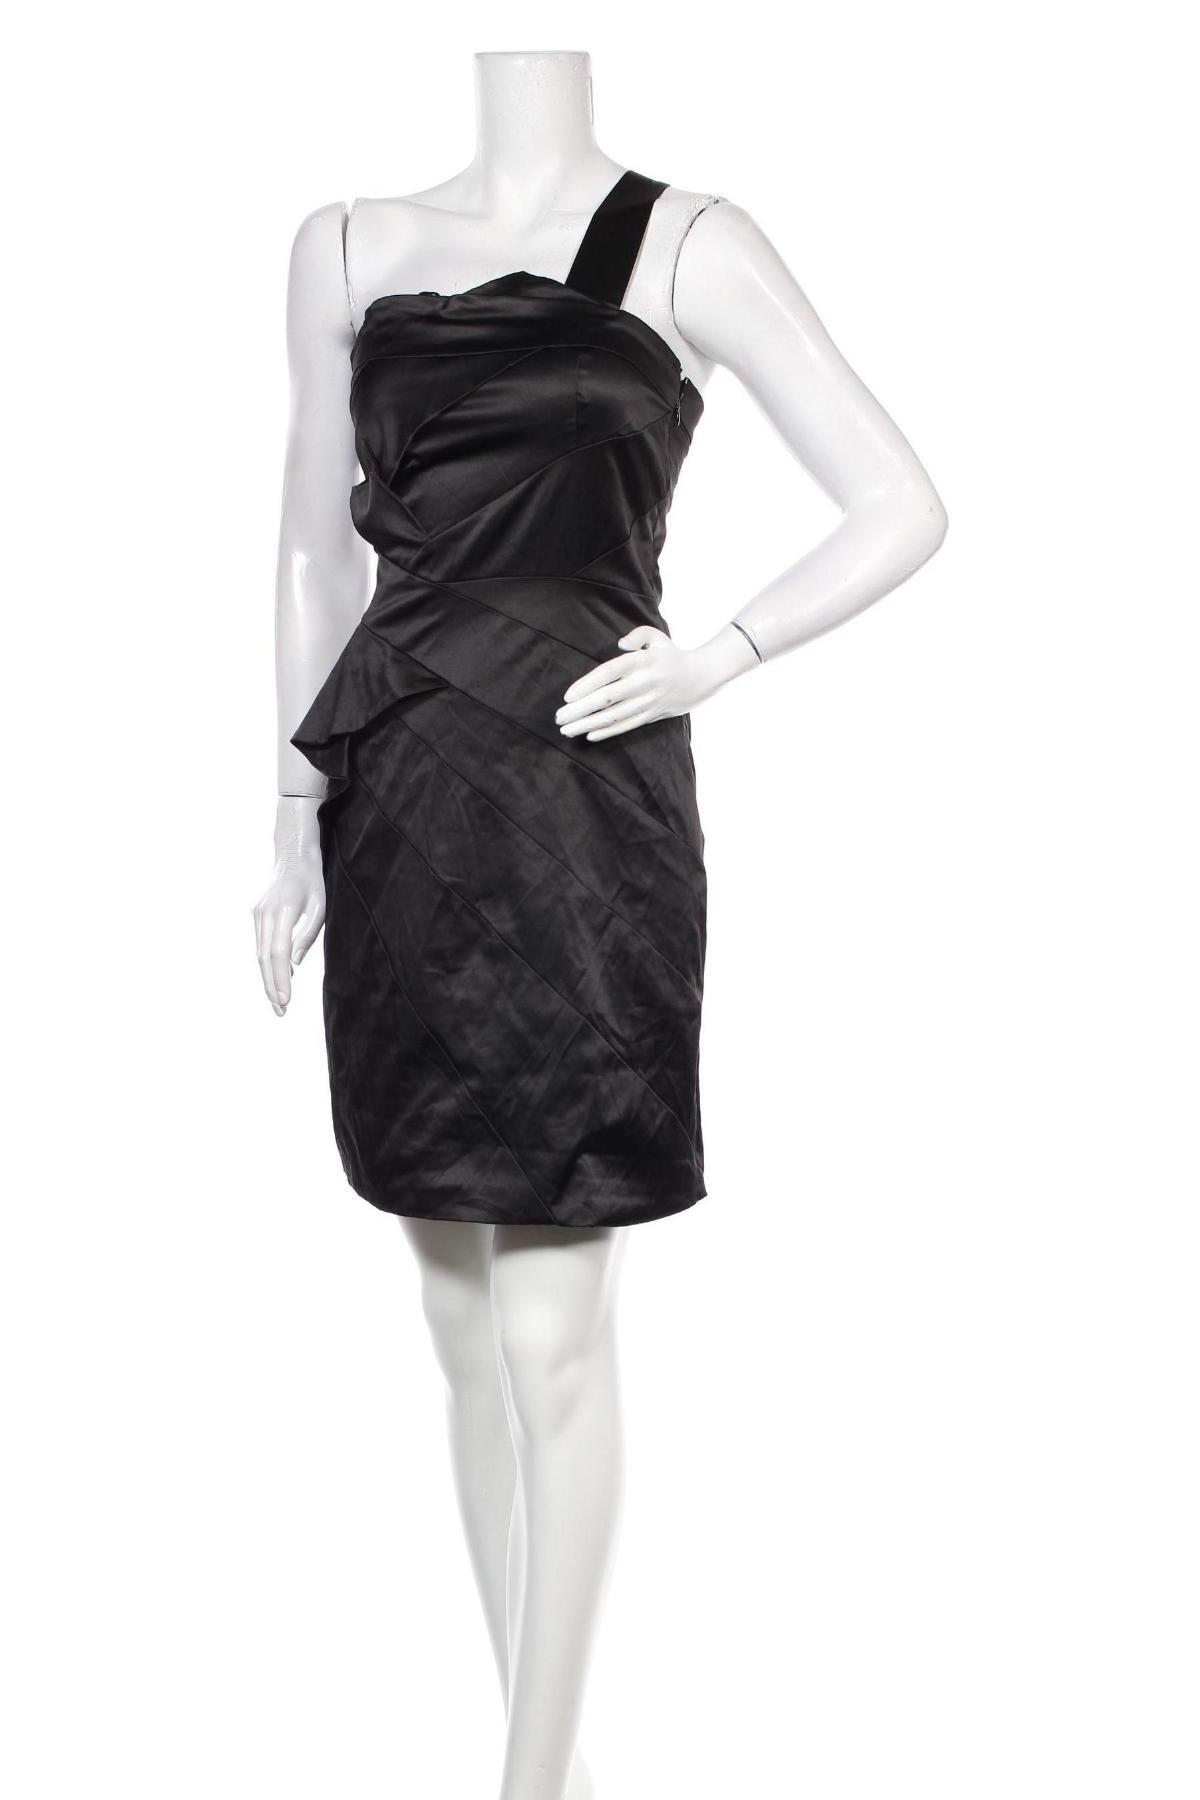 Рокля Max&Co., Размер S, Цвят Черен, 55% памук, 41% други нишки, 4% еластан, Цена 46,79лв.